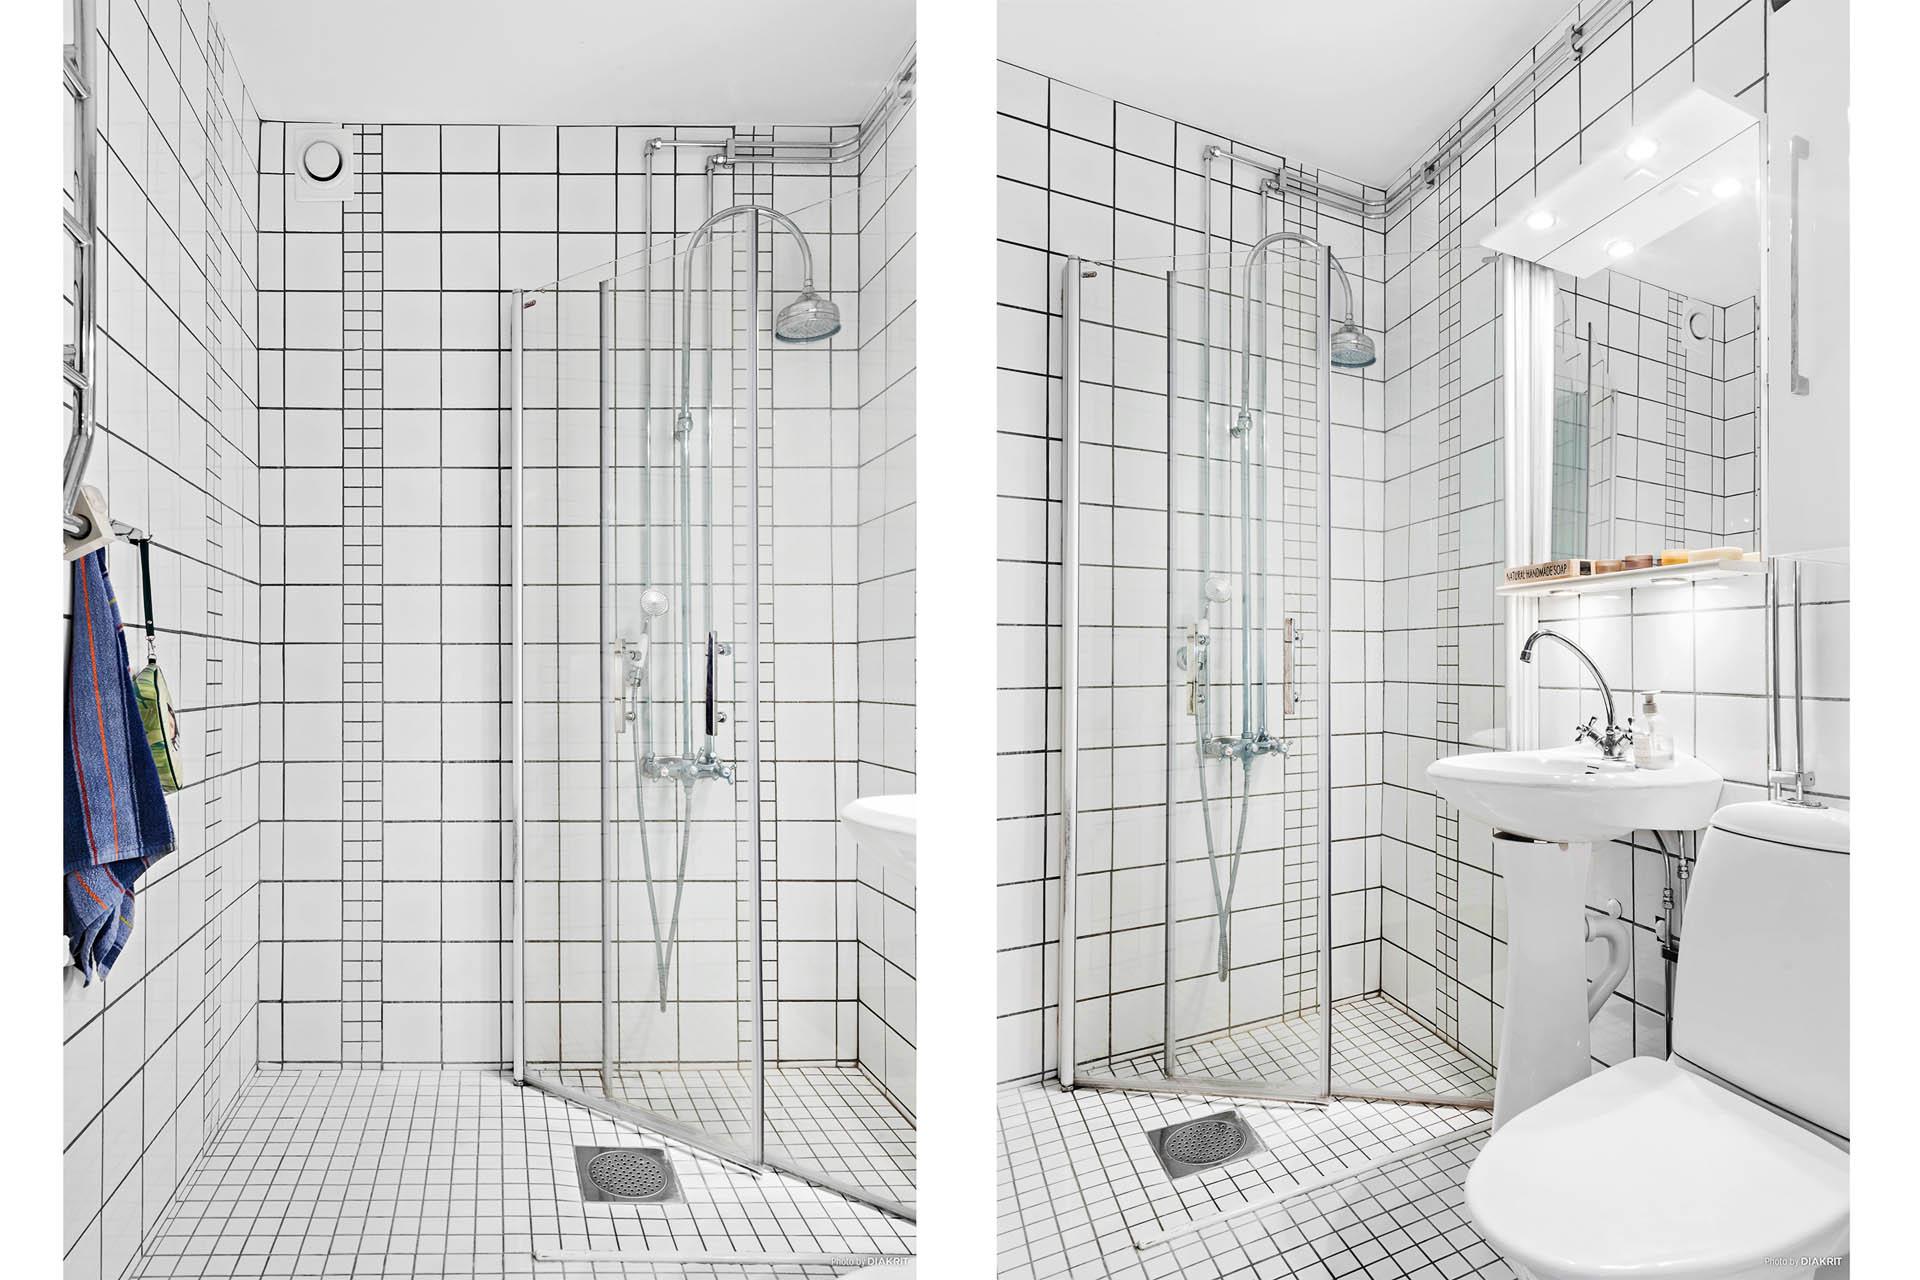 Badrummet är helkaklat i vitt med duschväggar i glas. Toalettstol, handfat och handdukstork.